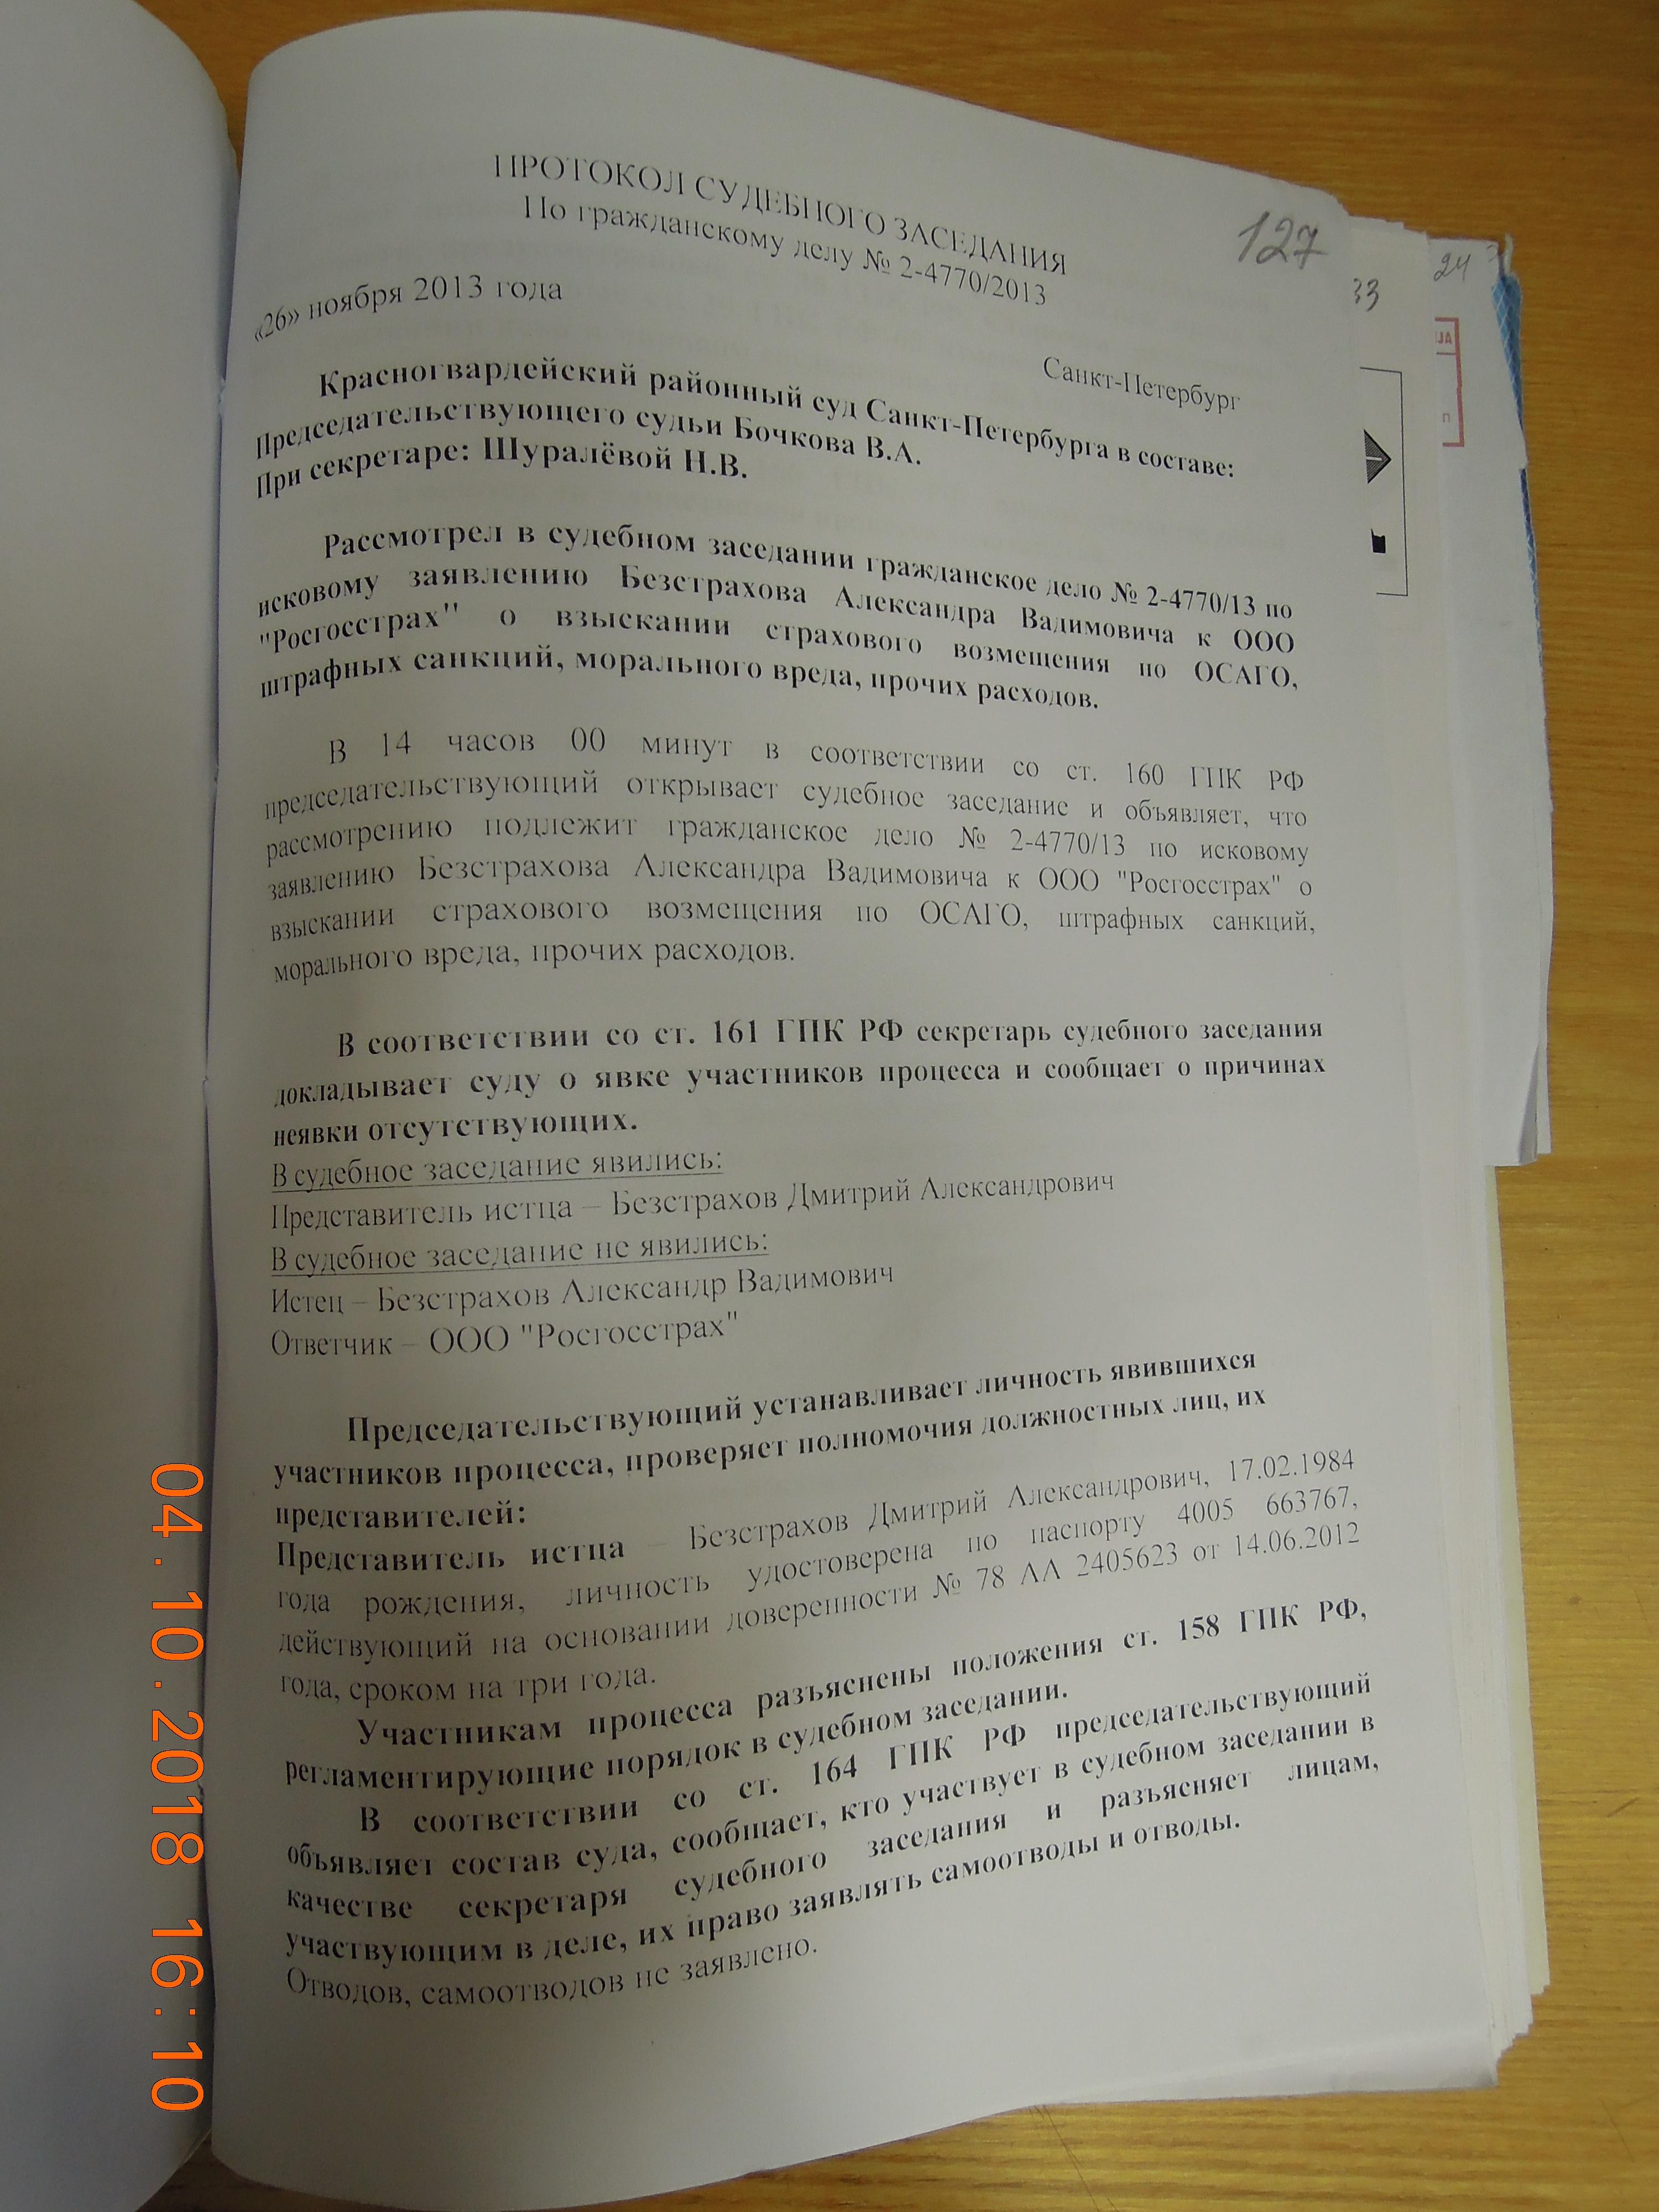 DSCN4764.JPG